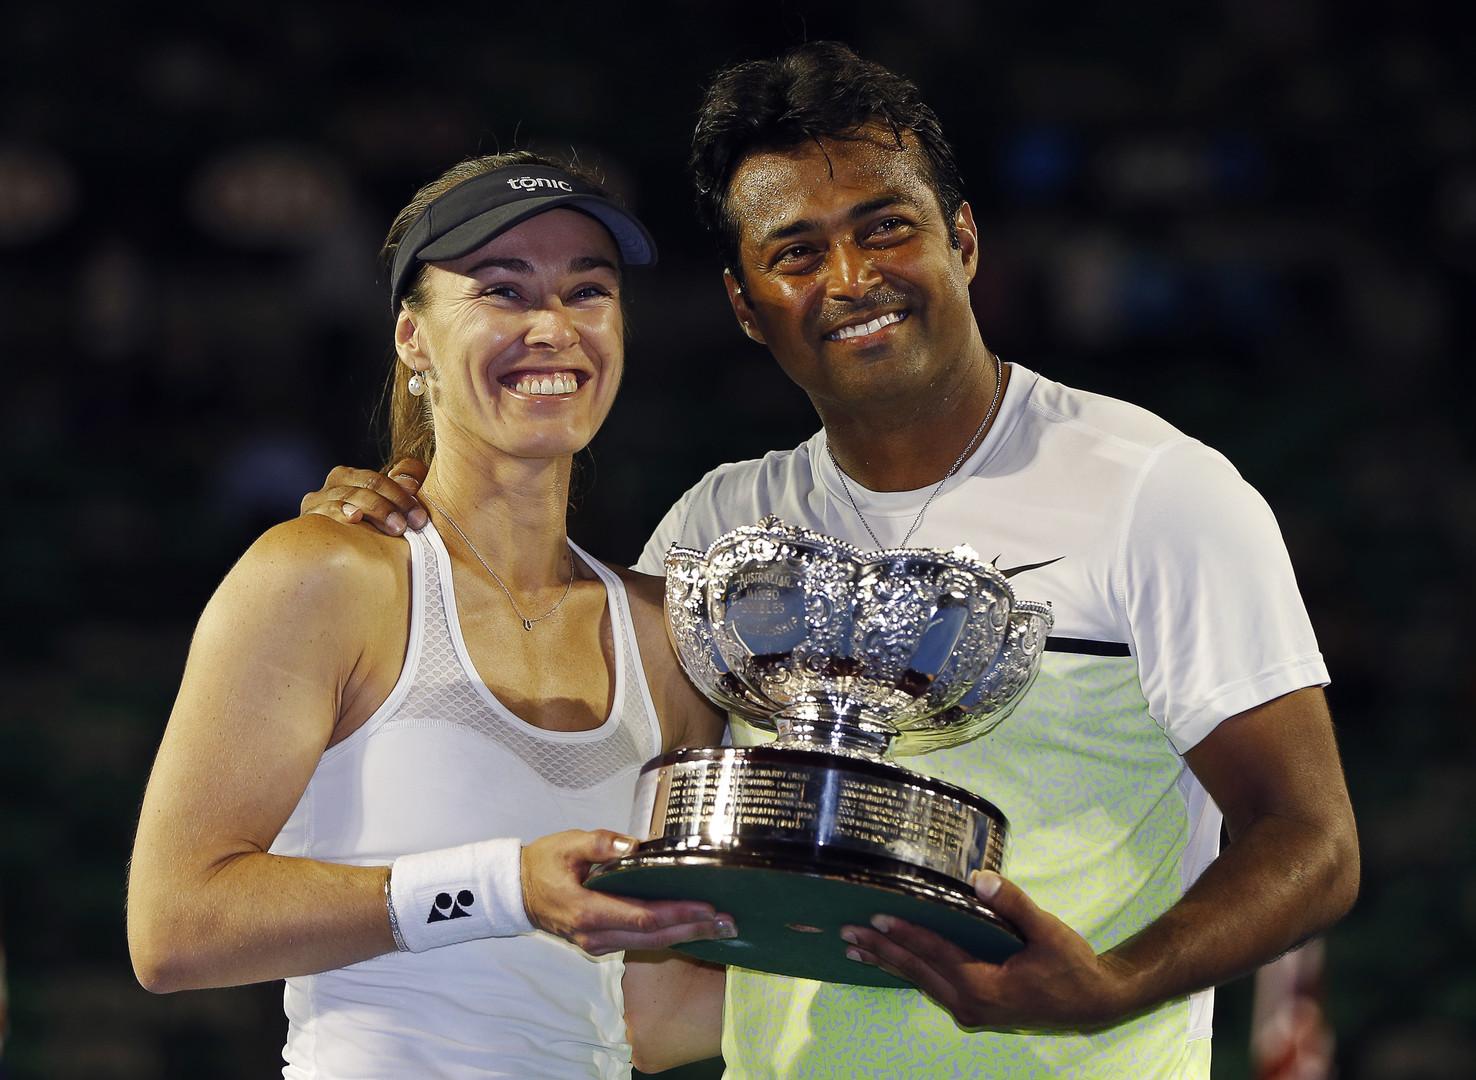 هينغيز تفوز مع الهندي بايس بلقب الزوجي المختلط في أستراليا